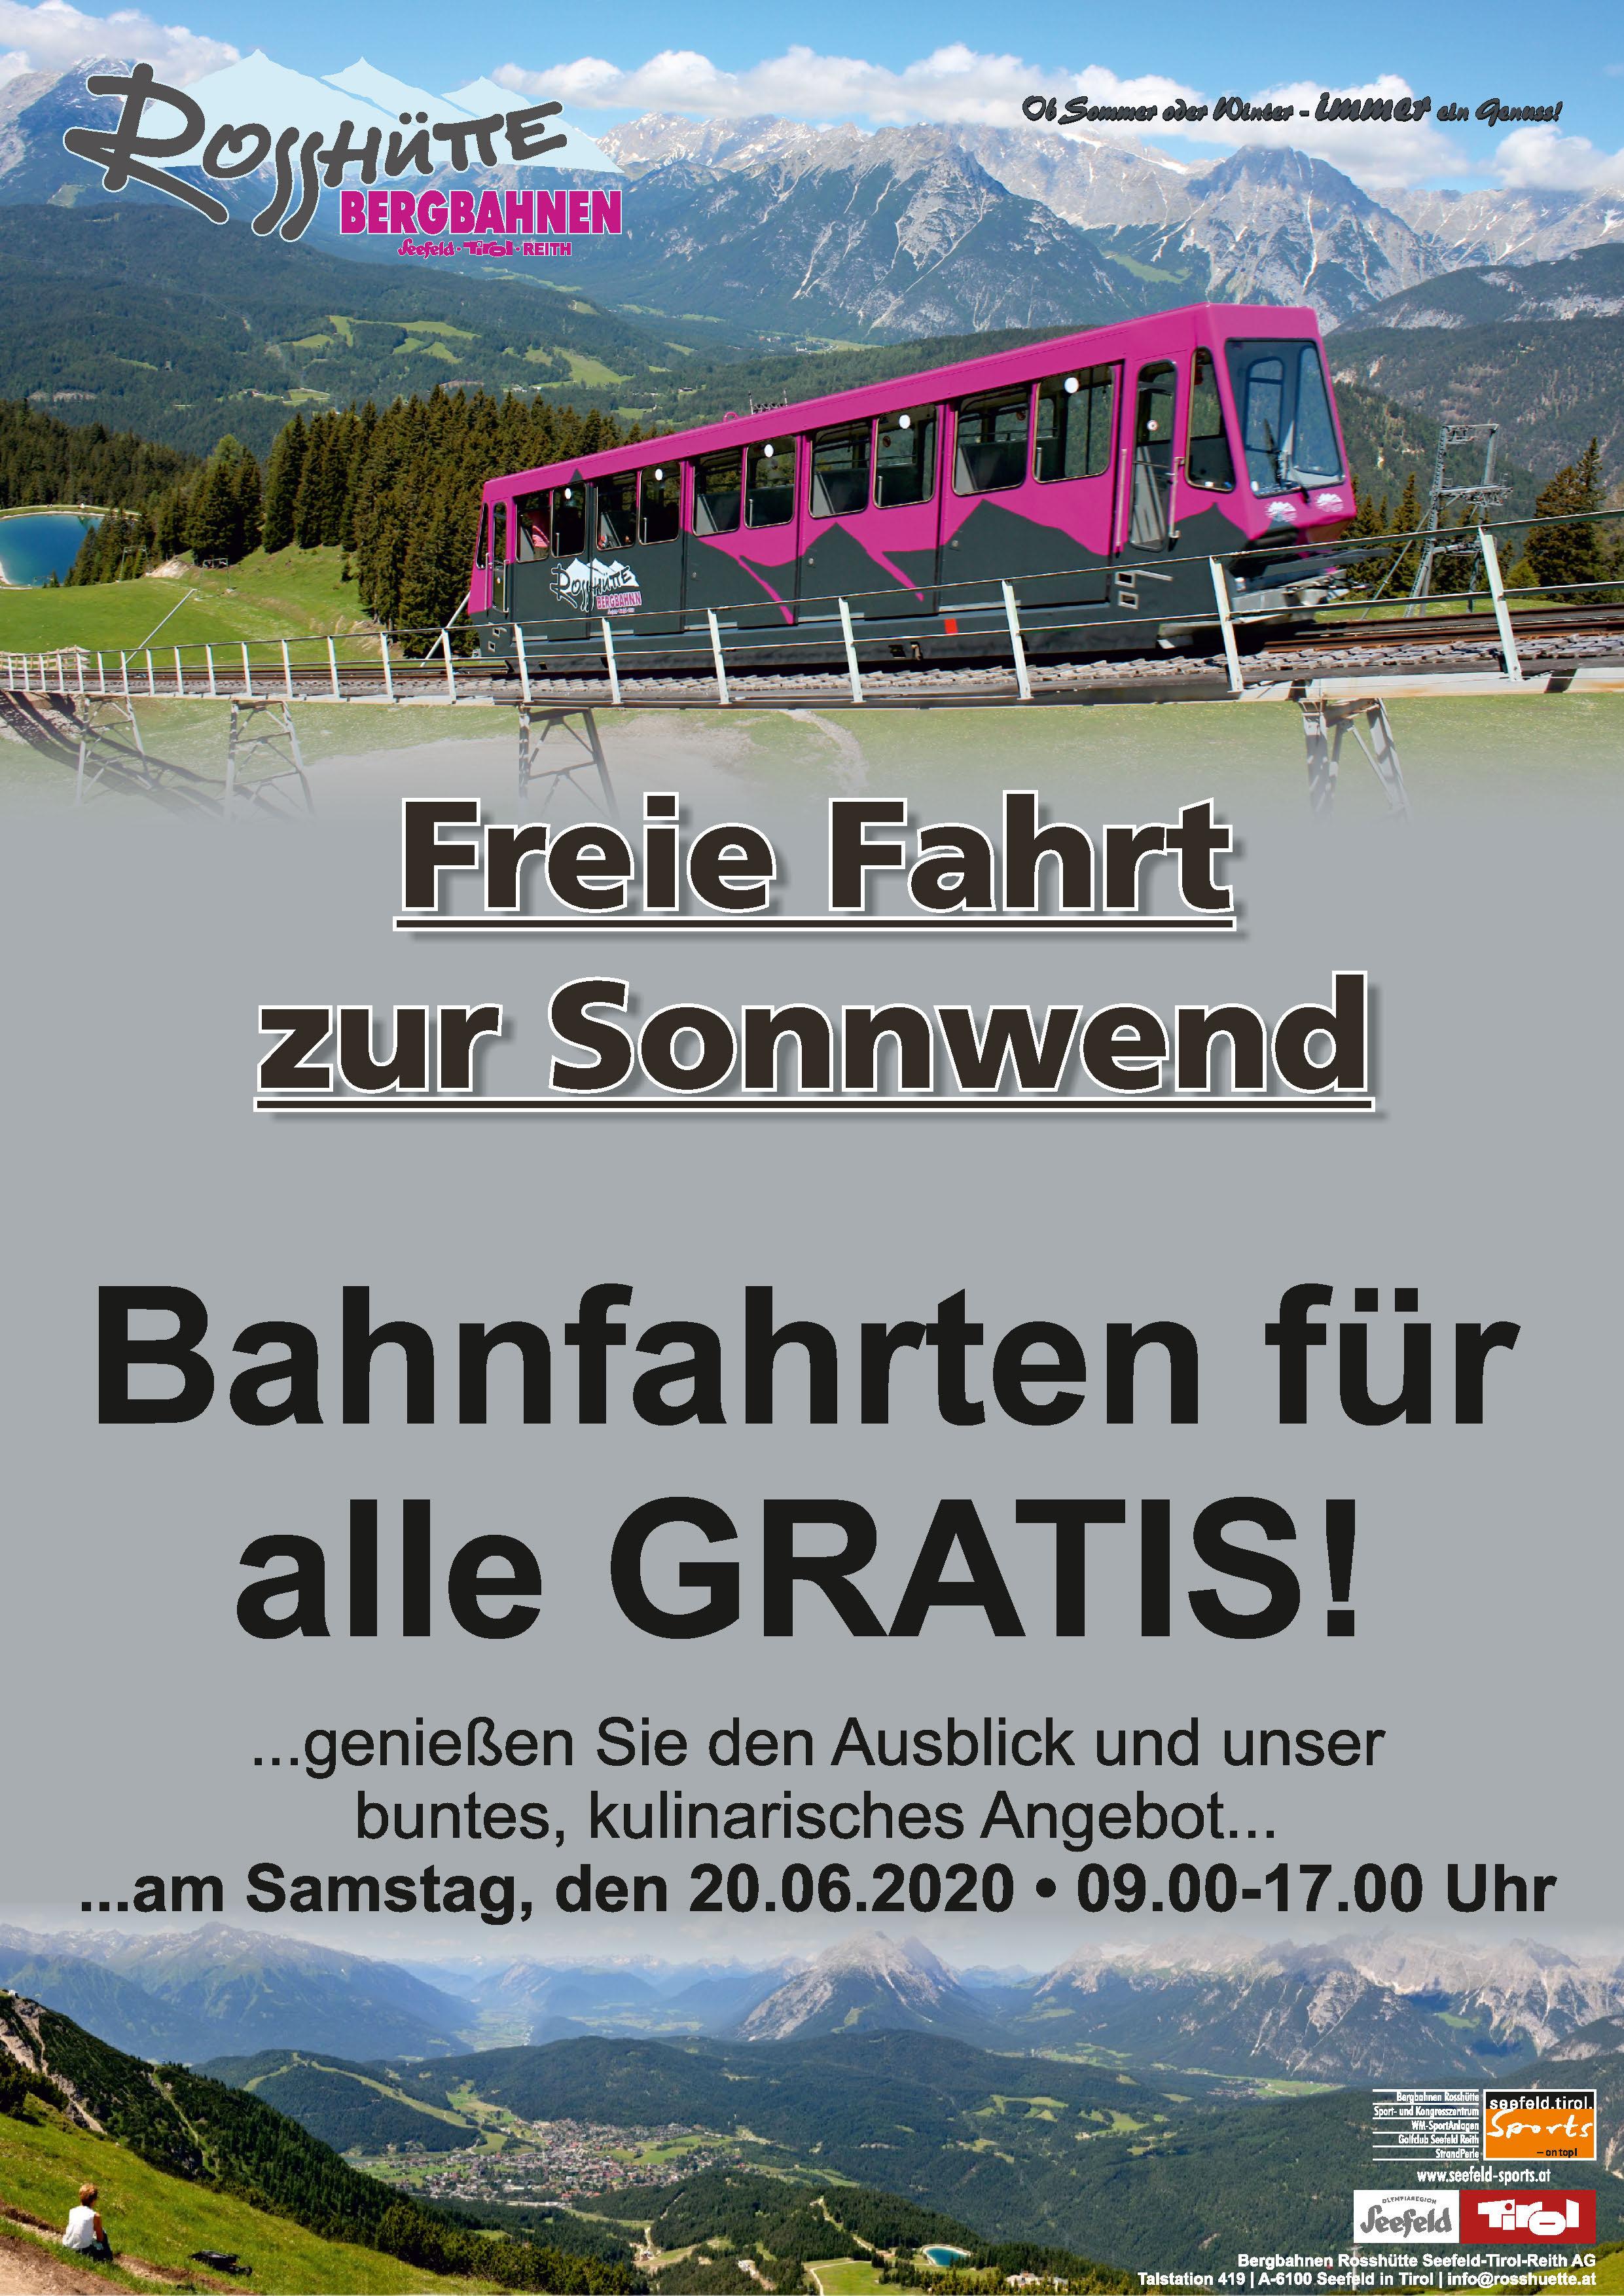 Am 20.06 kostenlos auf den Berg in Seefeld / Tirol